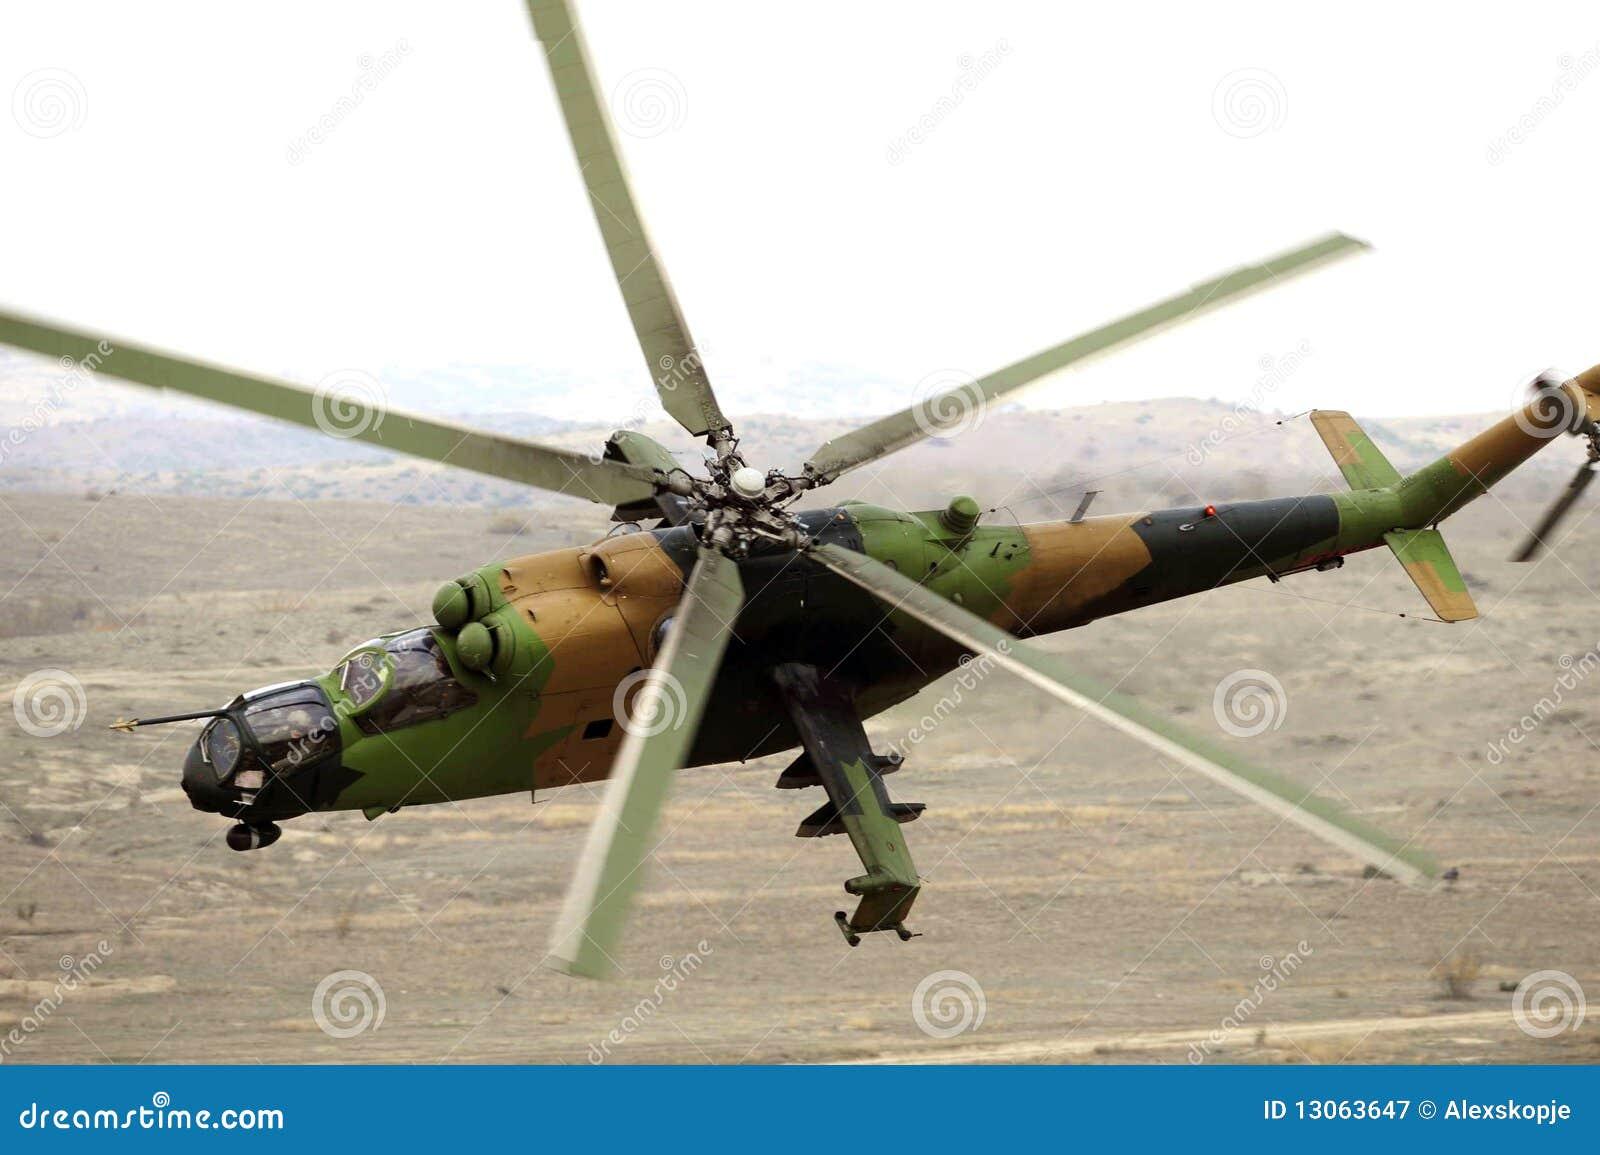 Elicottero Comanche : Elicottero illustrazione di stock immagine flangia